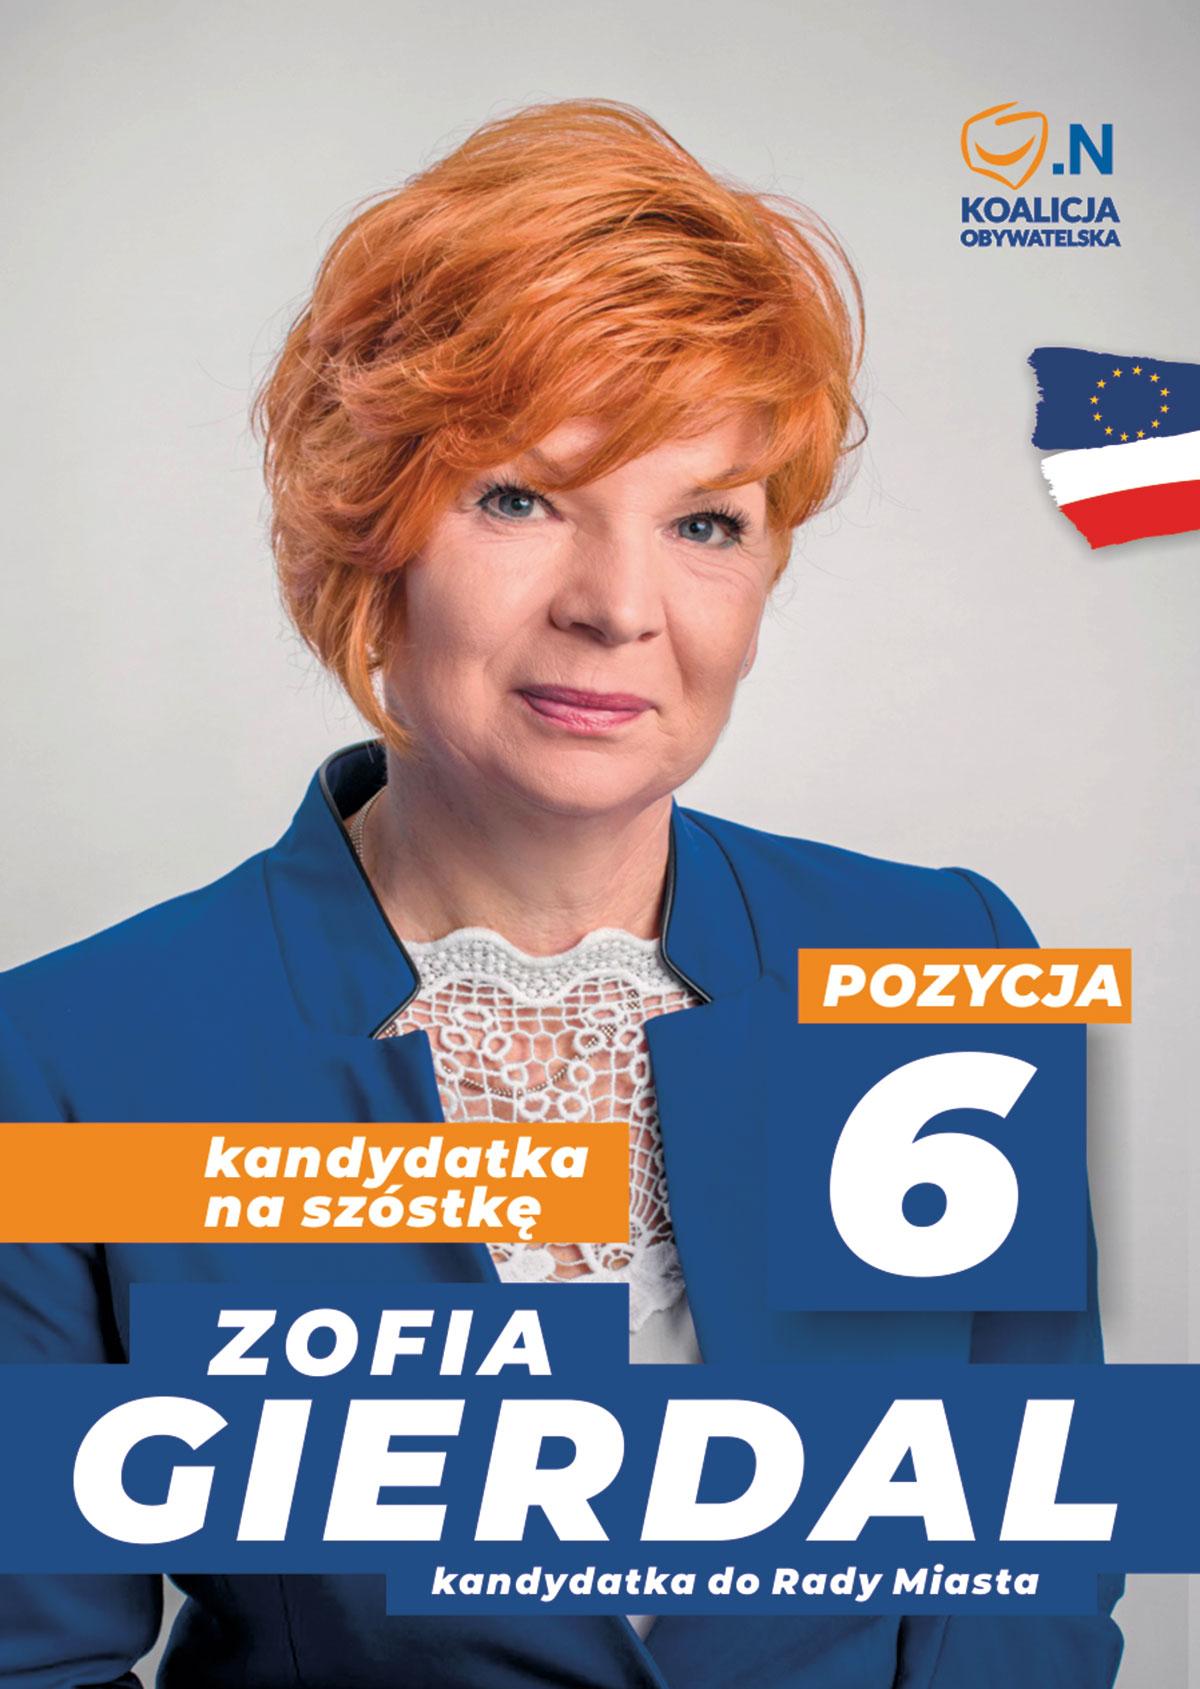 Zofia Małgorzata Gierdal